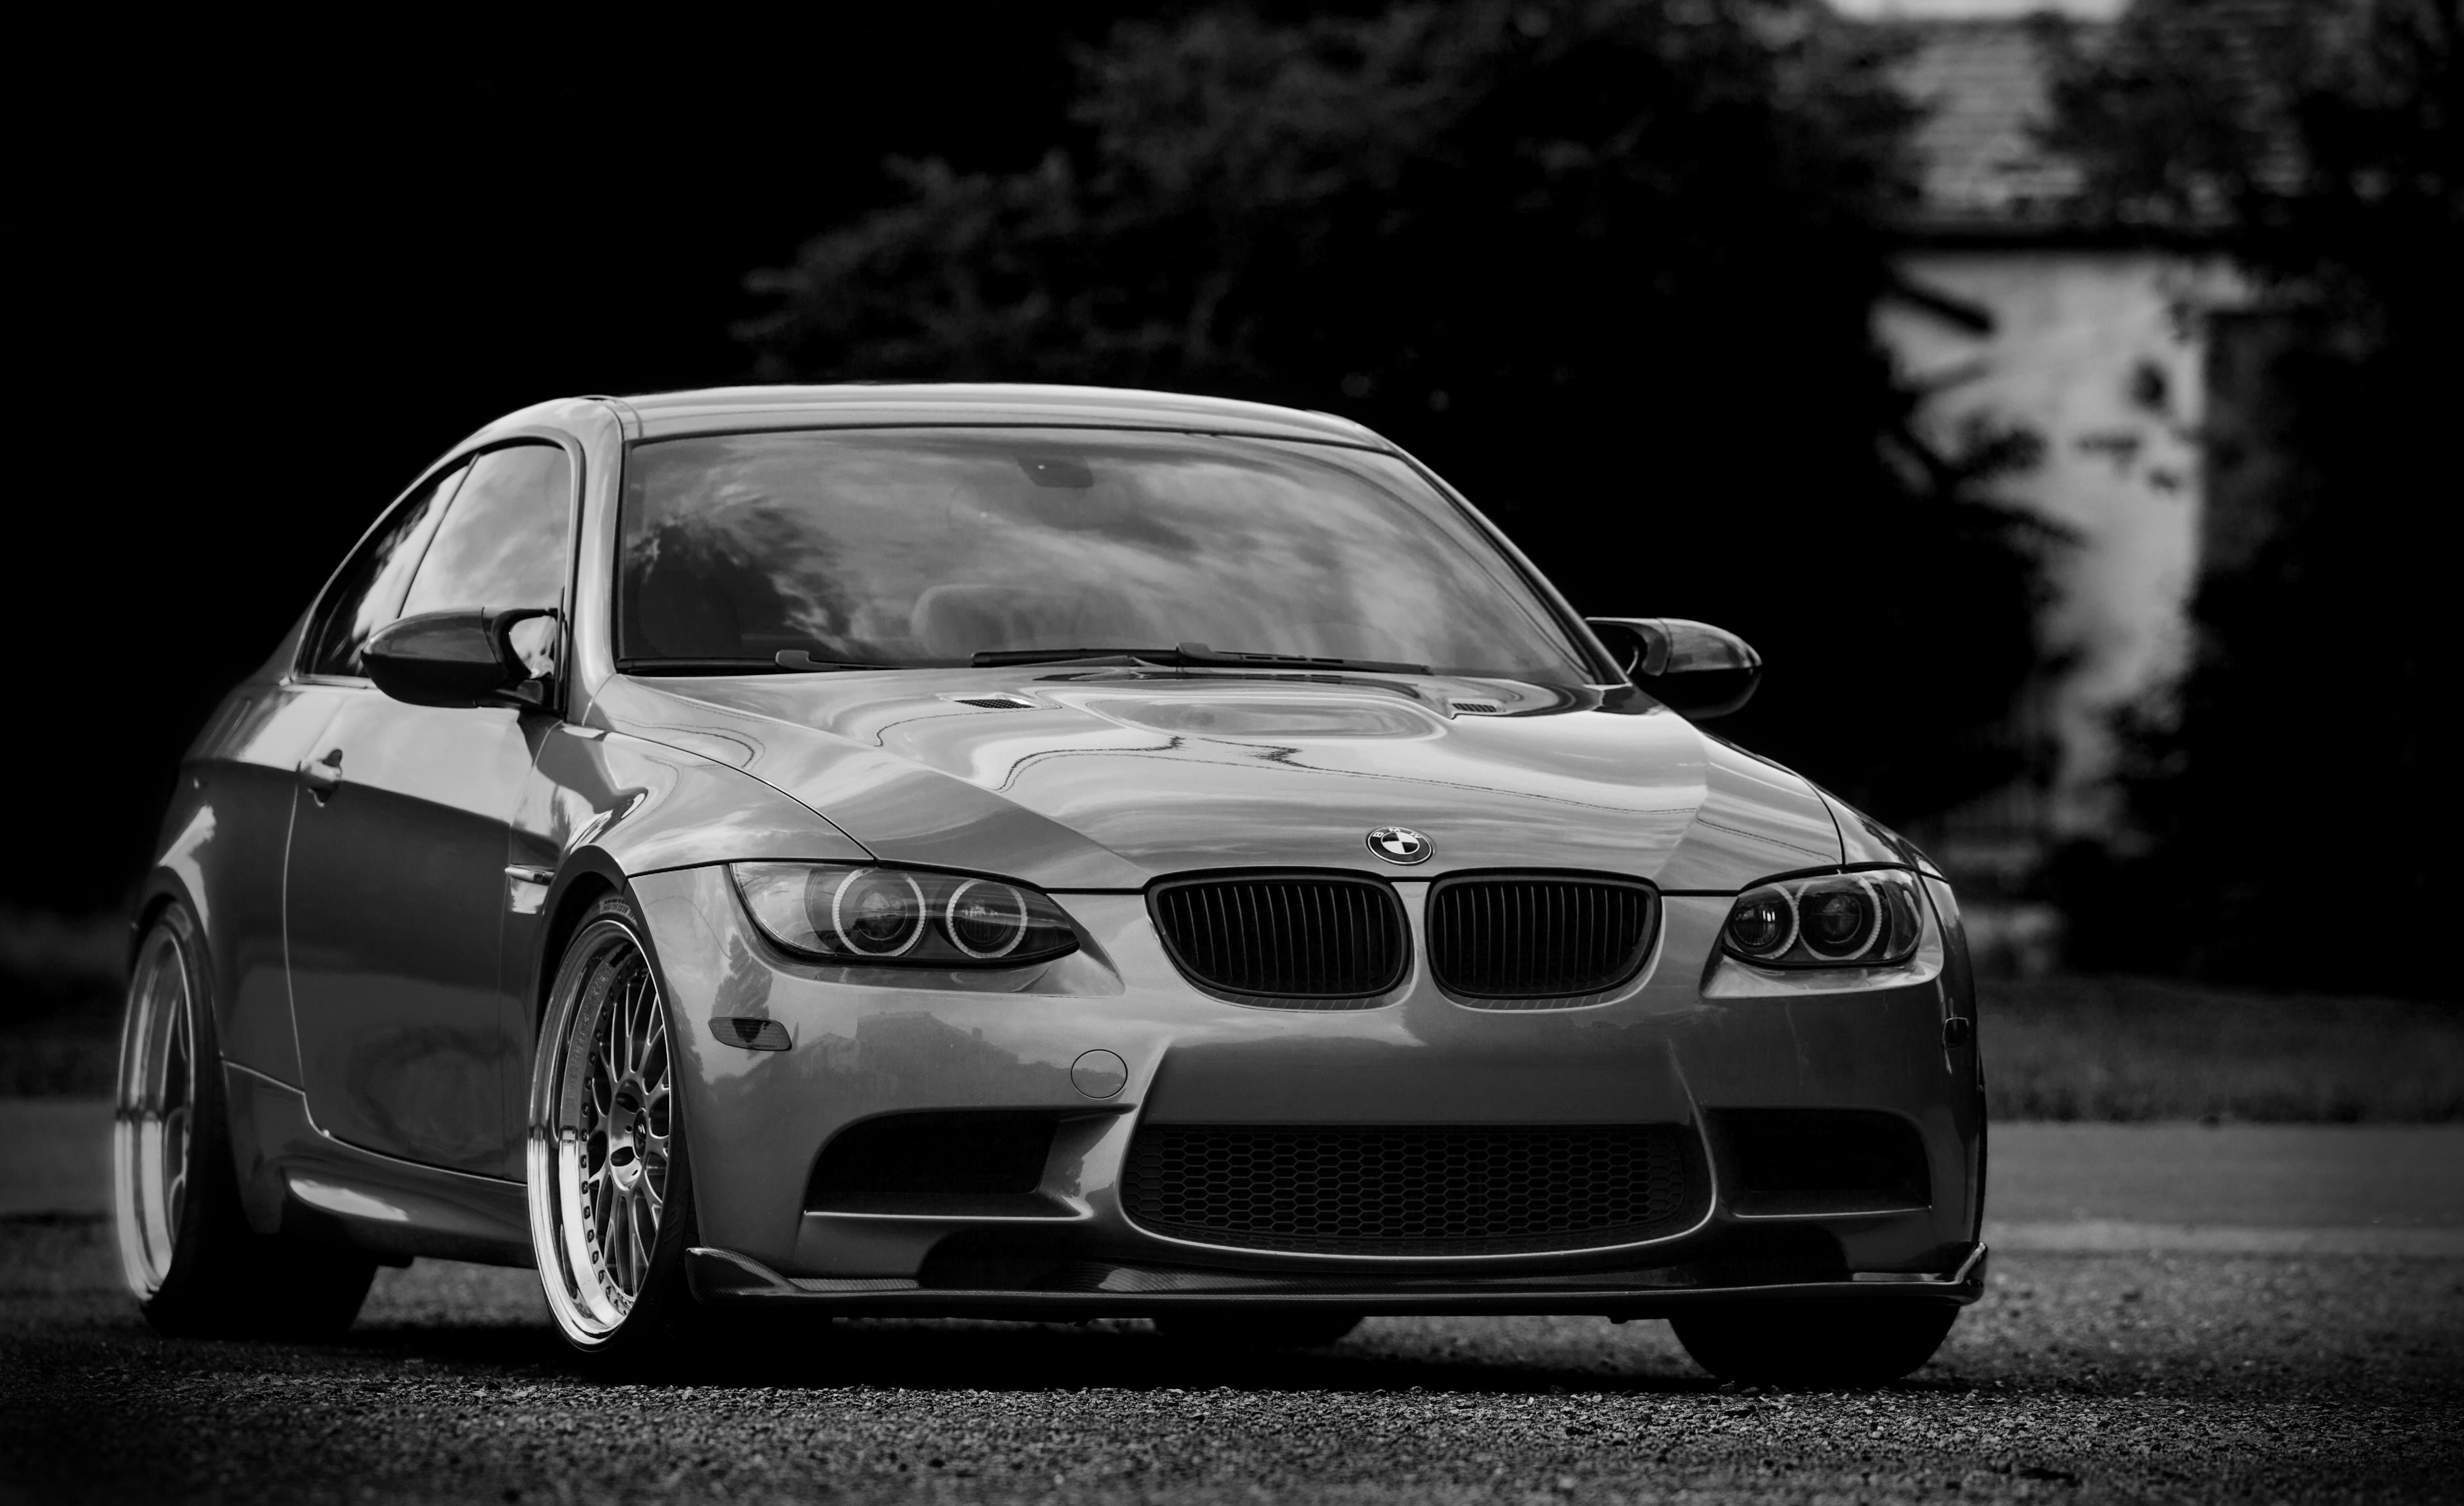 черно-бело фото BMW  № 2422745 без смс